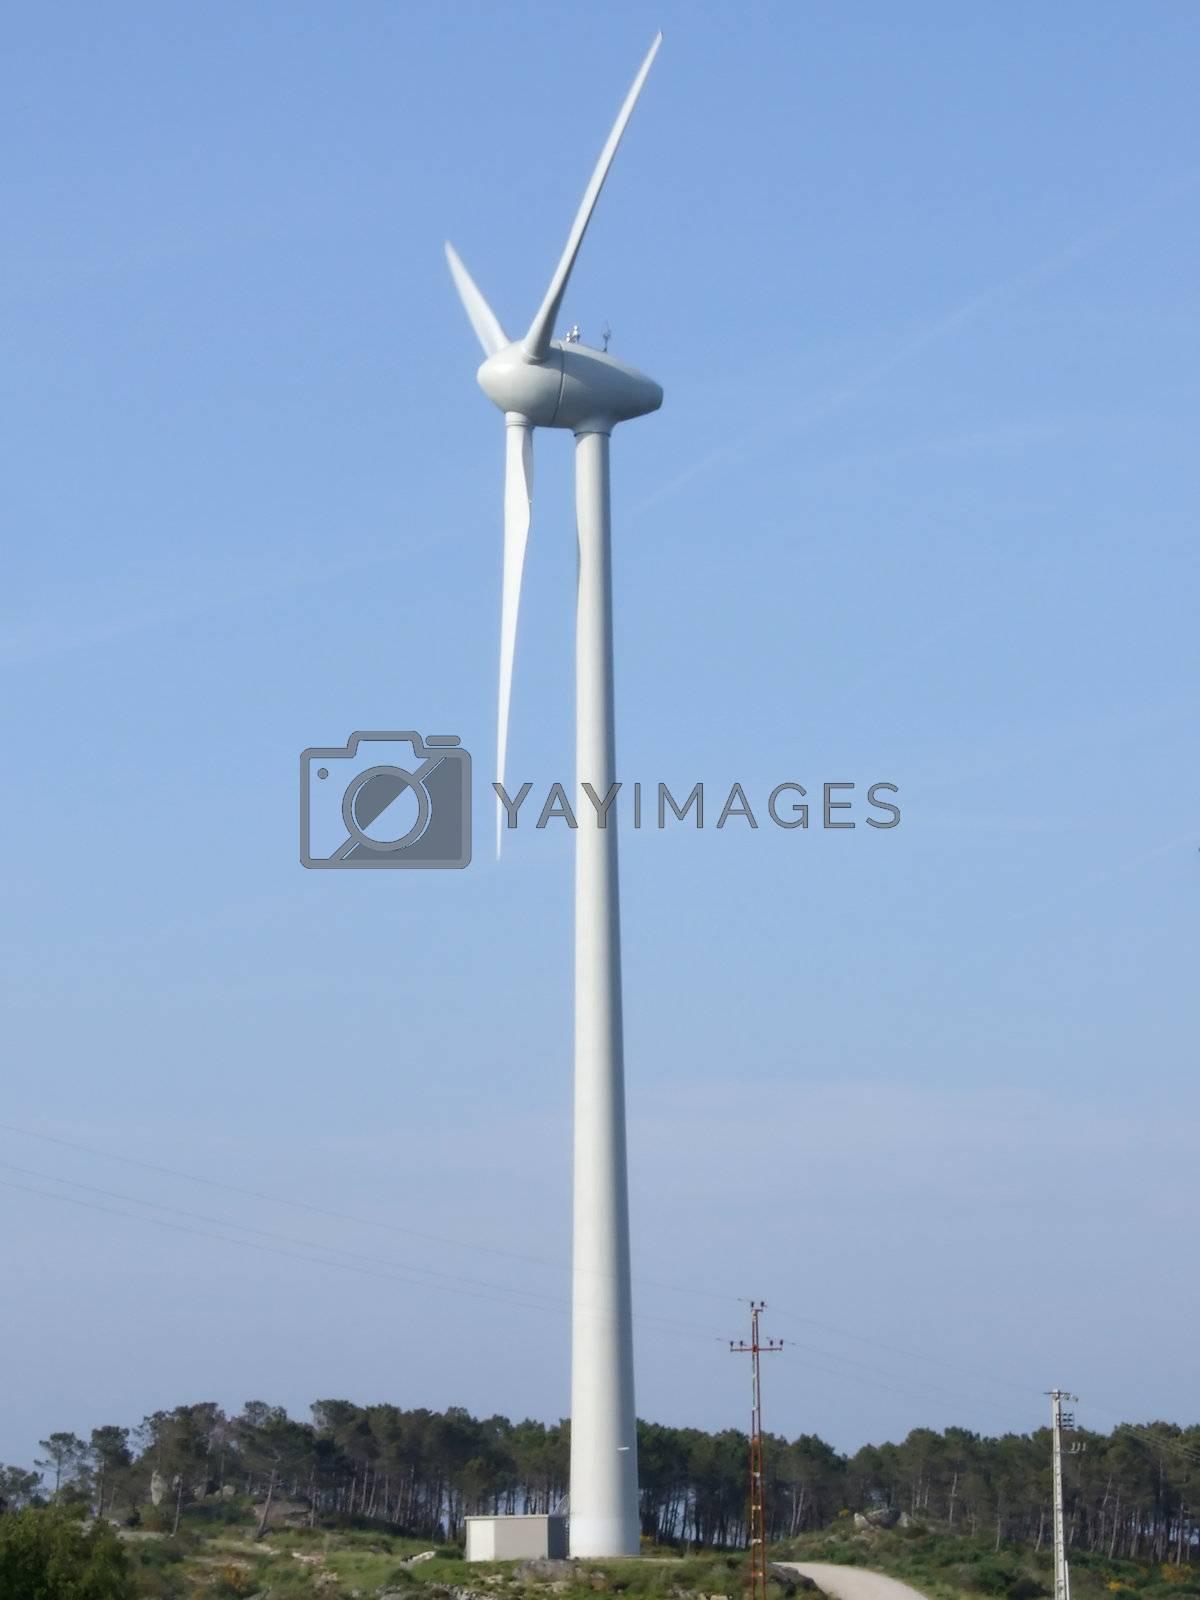 Wind power by PauloResende